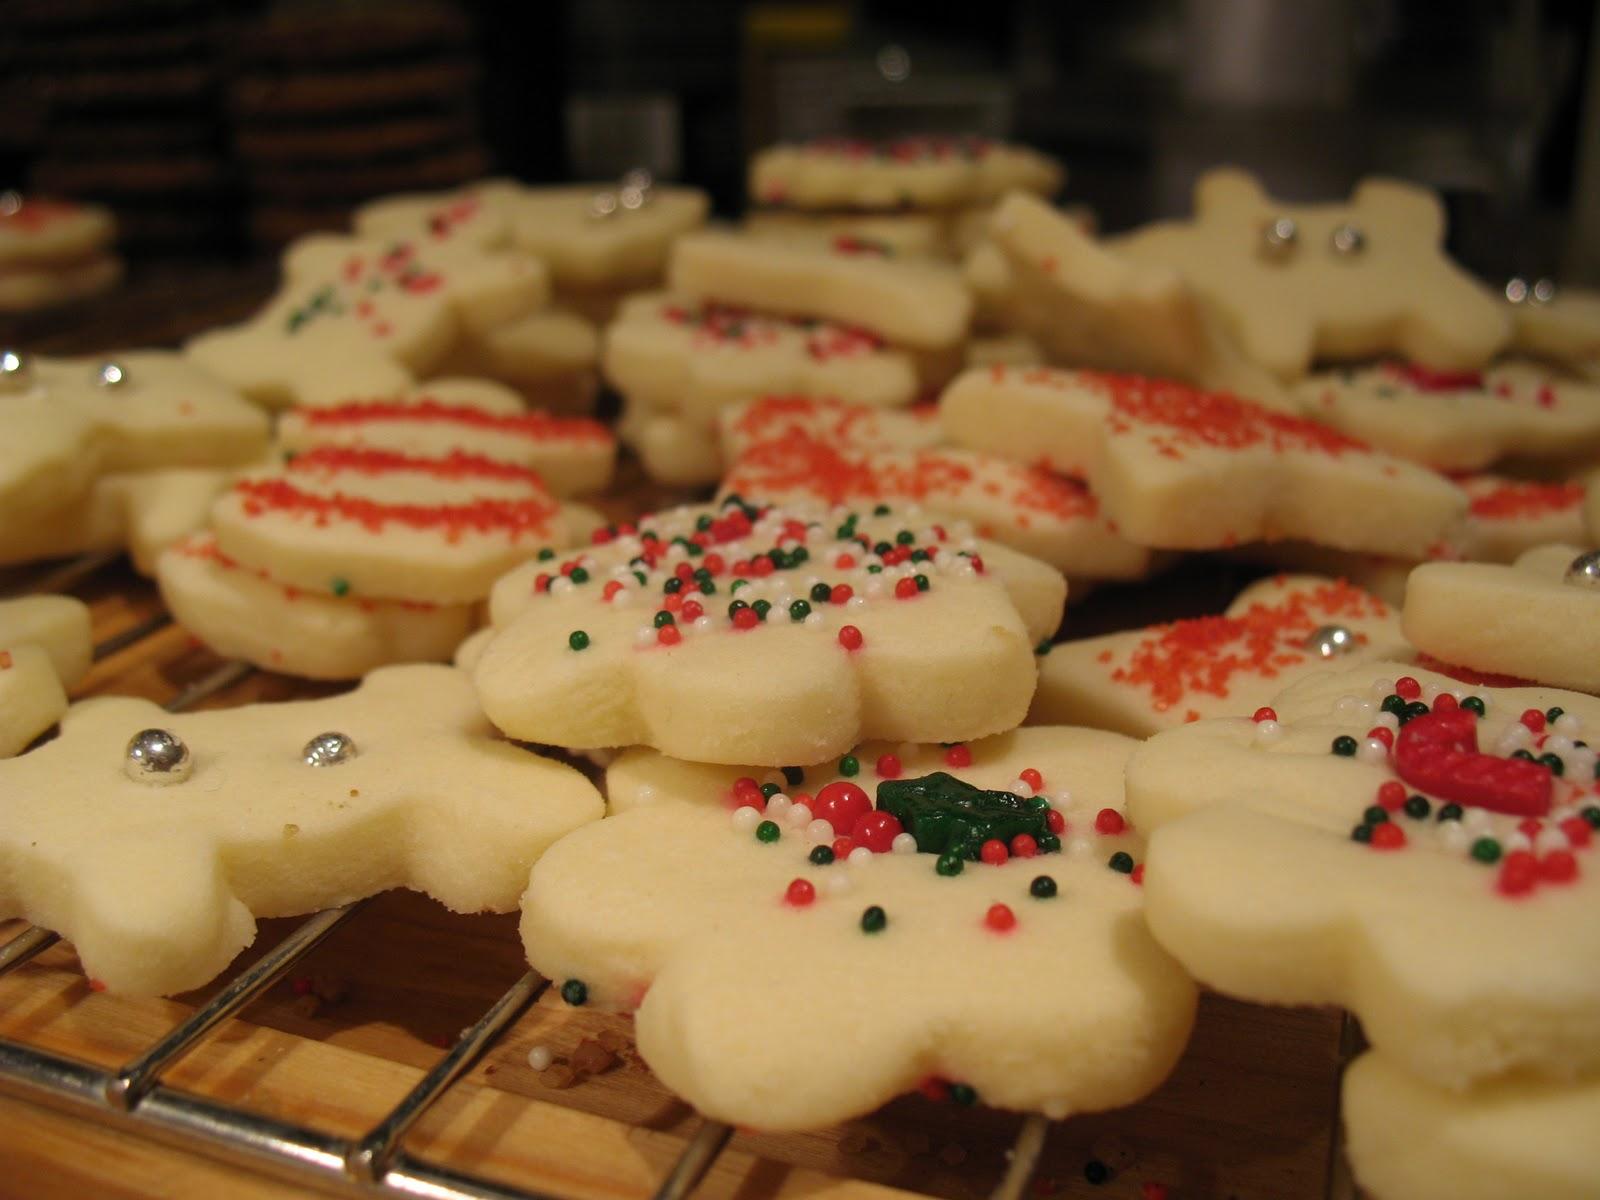 Recipe shortbread cookies with cornstarch